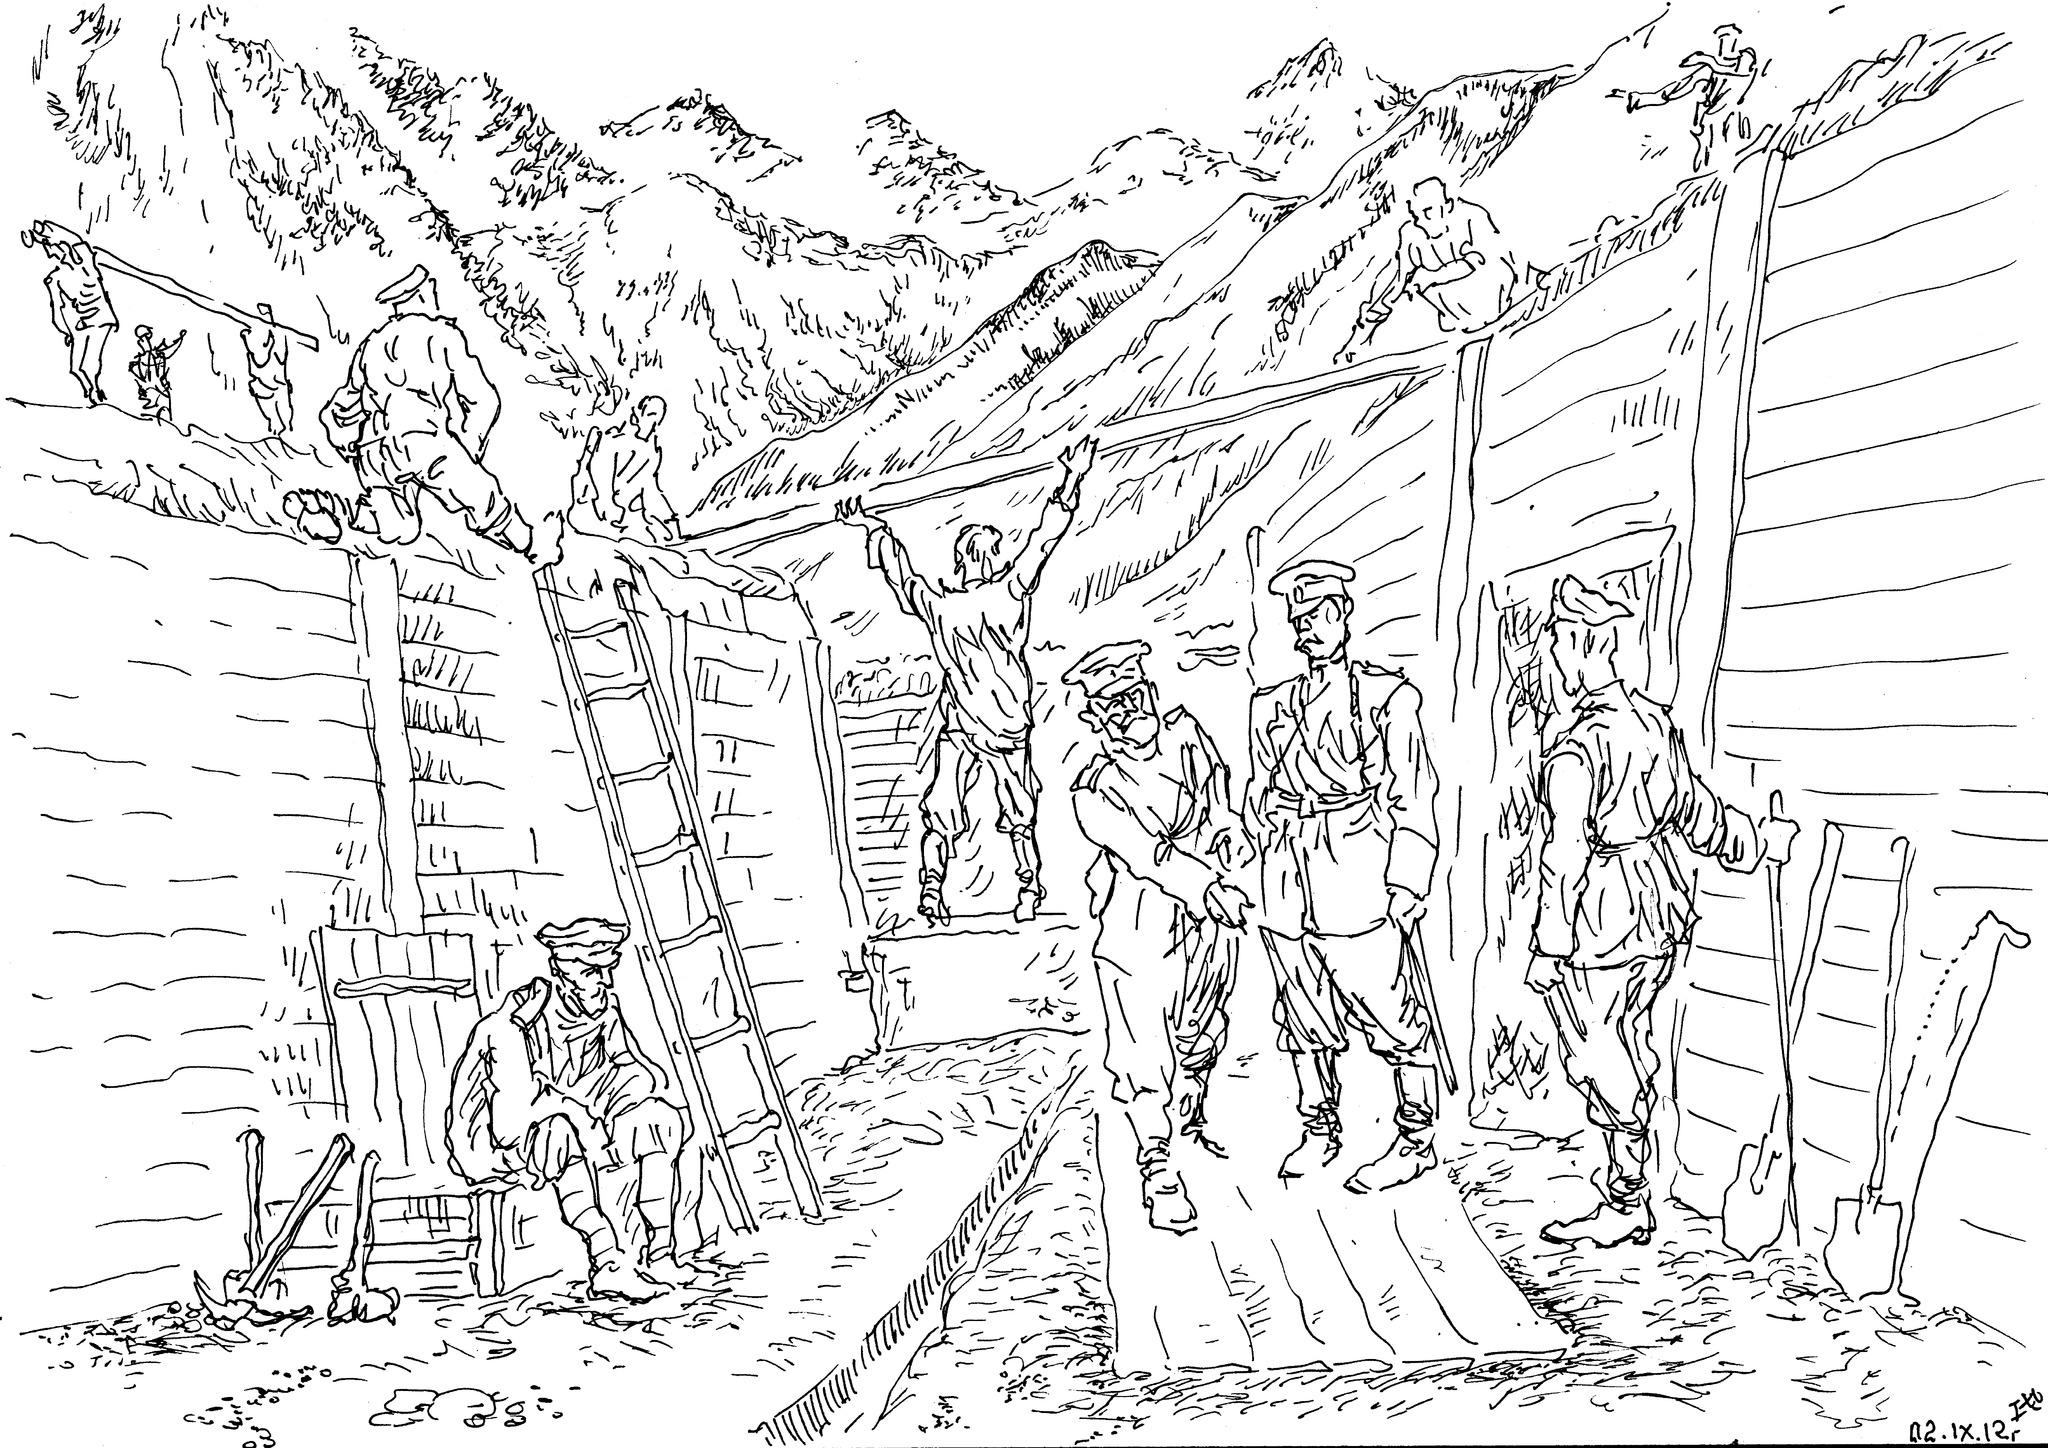 Кавказский фронт. Нижние чины пехоты на позиции